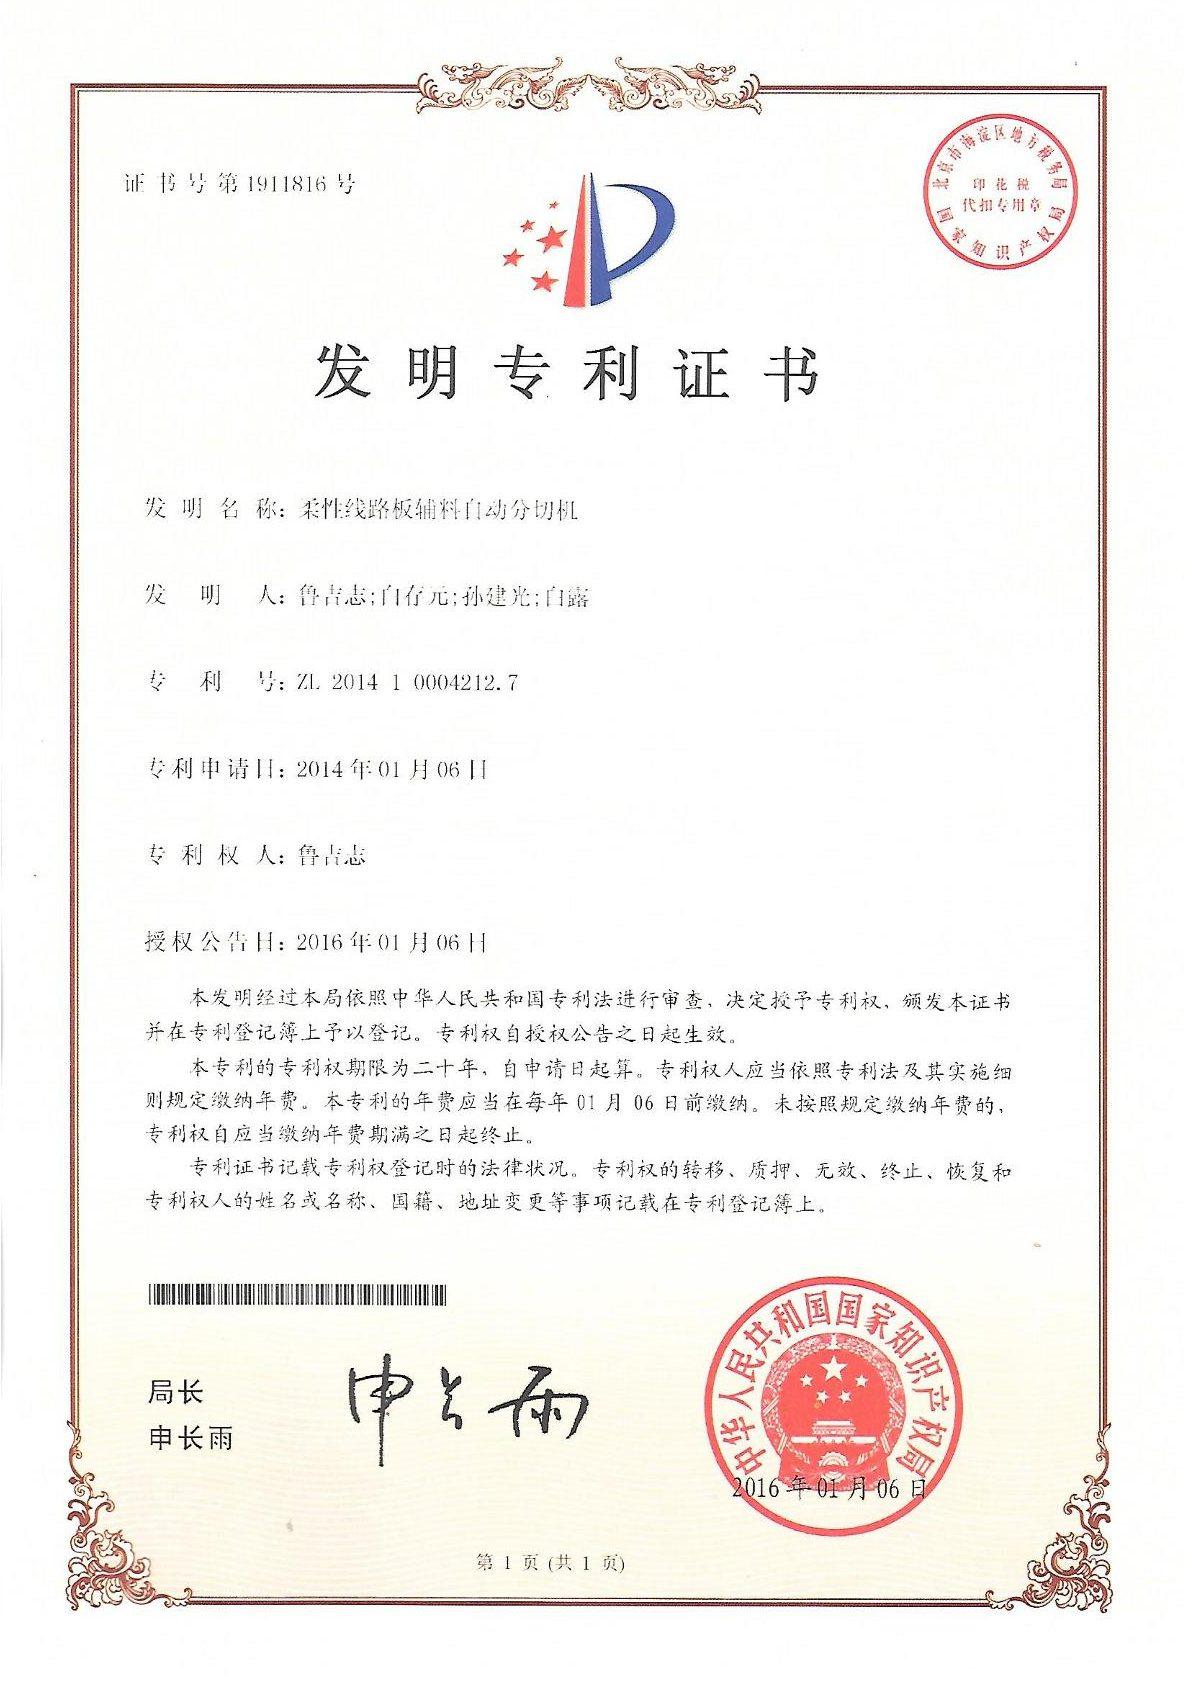 柔性线路板辅料自动分切机专利ZL2014100042127